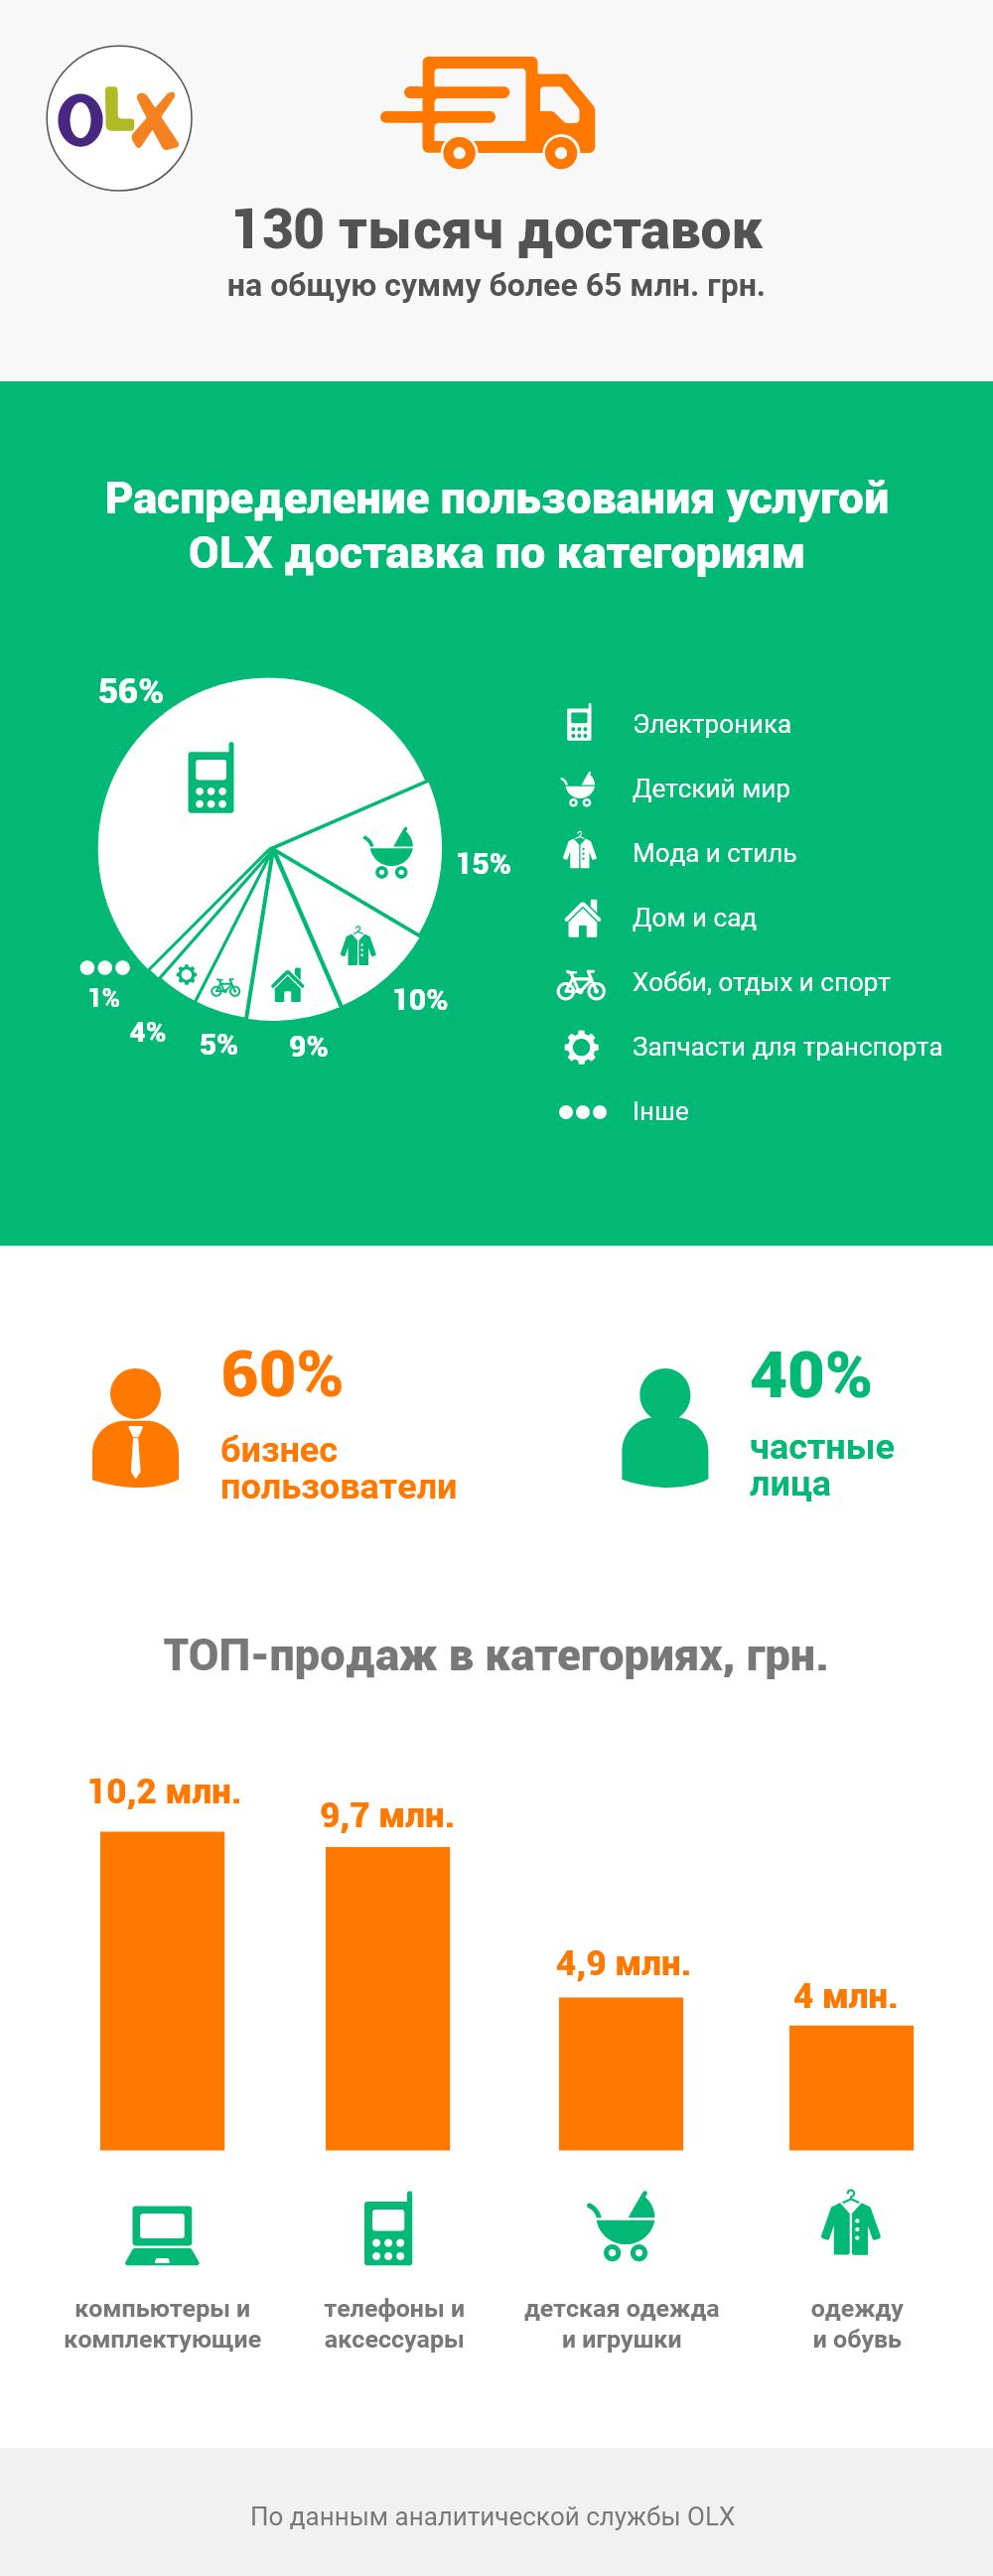 OLX доставка: инфографика